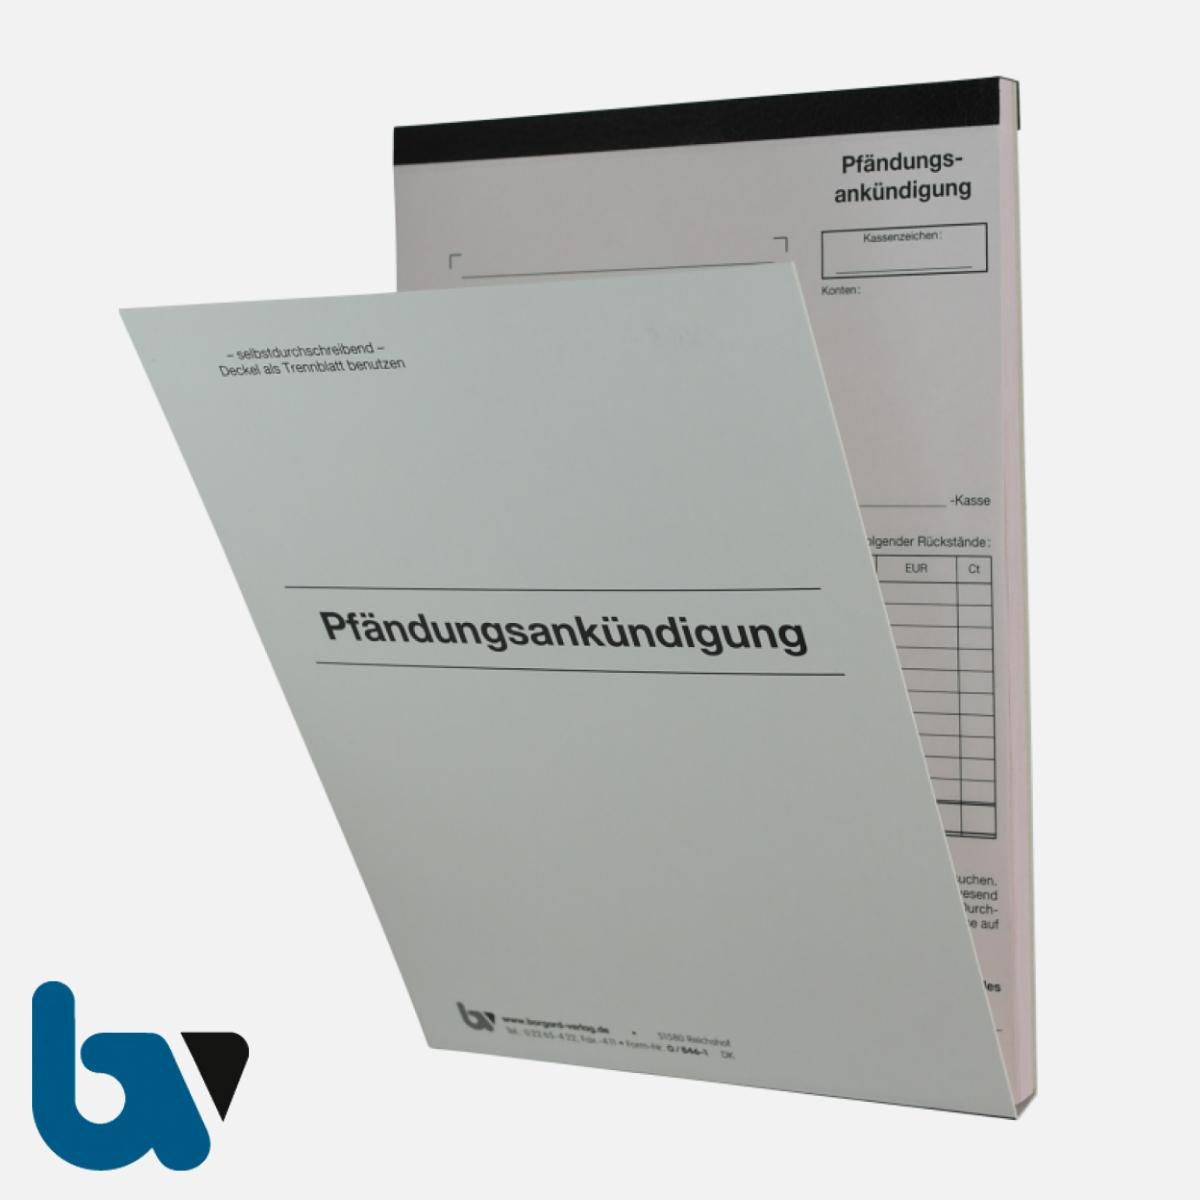 0/846-1 Pfändungsankündigung Auftrag Einschlagdeckel Durchschreibeschutz Schreibschutzdecke perforiert 2-fach selbstdurchschreibend DIN A5 Außen | Borgard Verlag GmbH